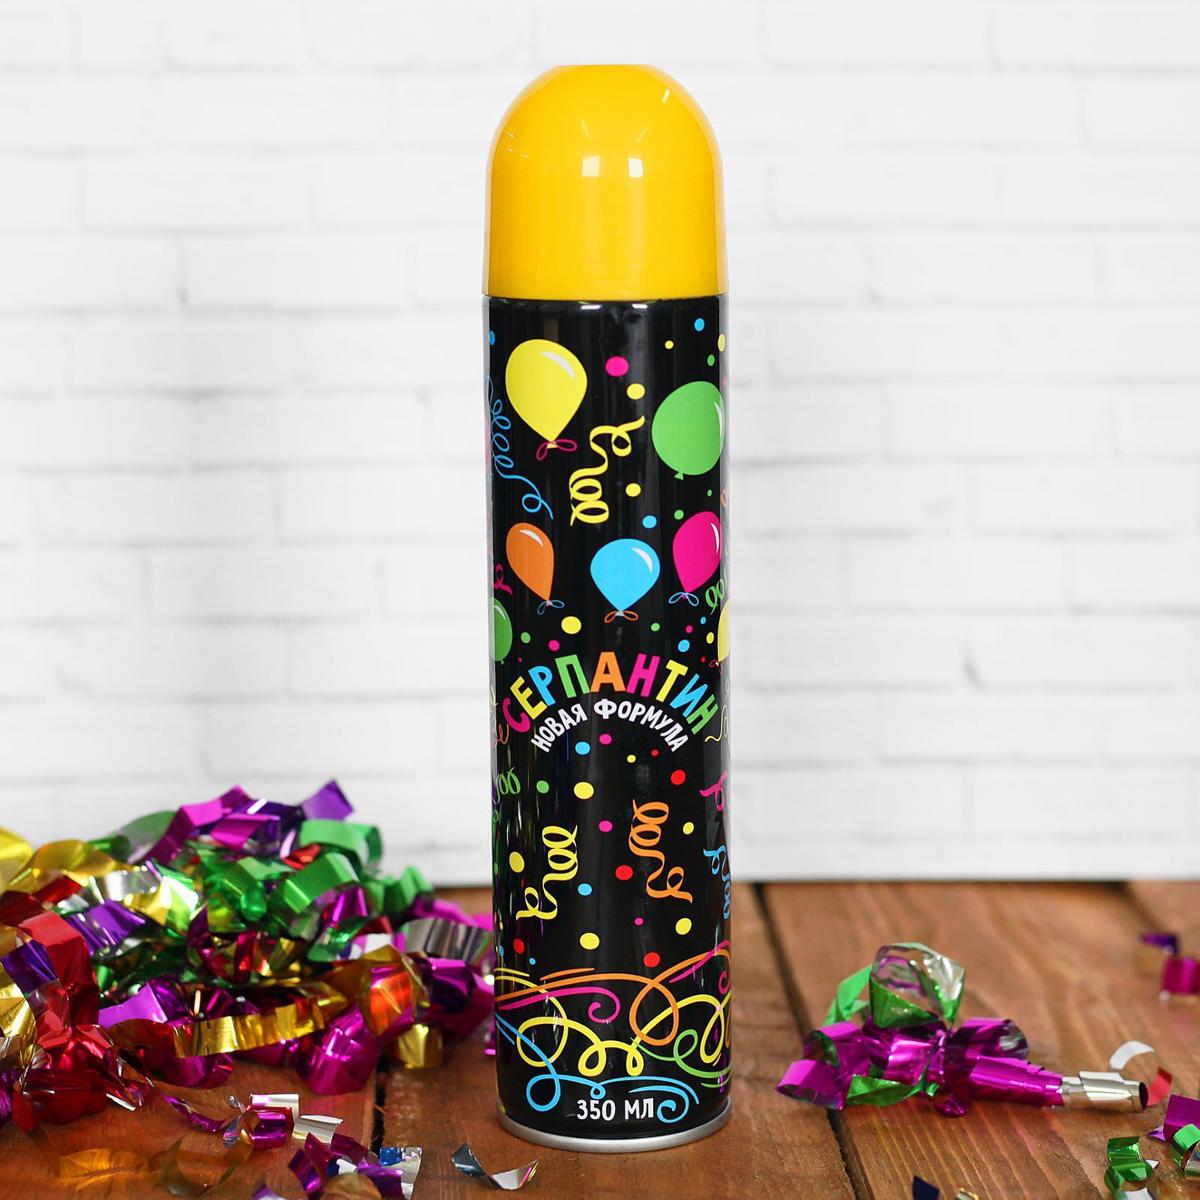 Спрей Серпантин, цвет: желтый, 350 мл2358591Невозможно представить нашу жизнь без праздников! Мы всегда ждем их и предвкушаем,обдумываем, как проведем памятный день, тщательно выбираем подарки и аксессуары, ведьименно они создают и поддерживают торжественный настрой. Новогодние аксессуары - этоотличный выбор, который привнесет атмосферу праздника в ваш дом!Серпантин можно использовать на городских карнавалах, тематических вечеринках и праздниках.Чтобы получить длинную нить серпантина, необходимо просто нажать на разбрызгиватель. Егожелательно направлять вверх, а не в лицо человеку.